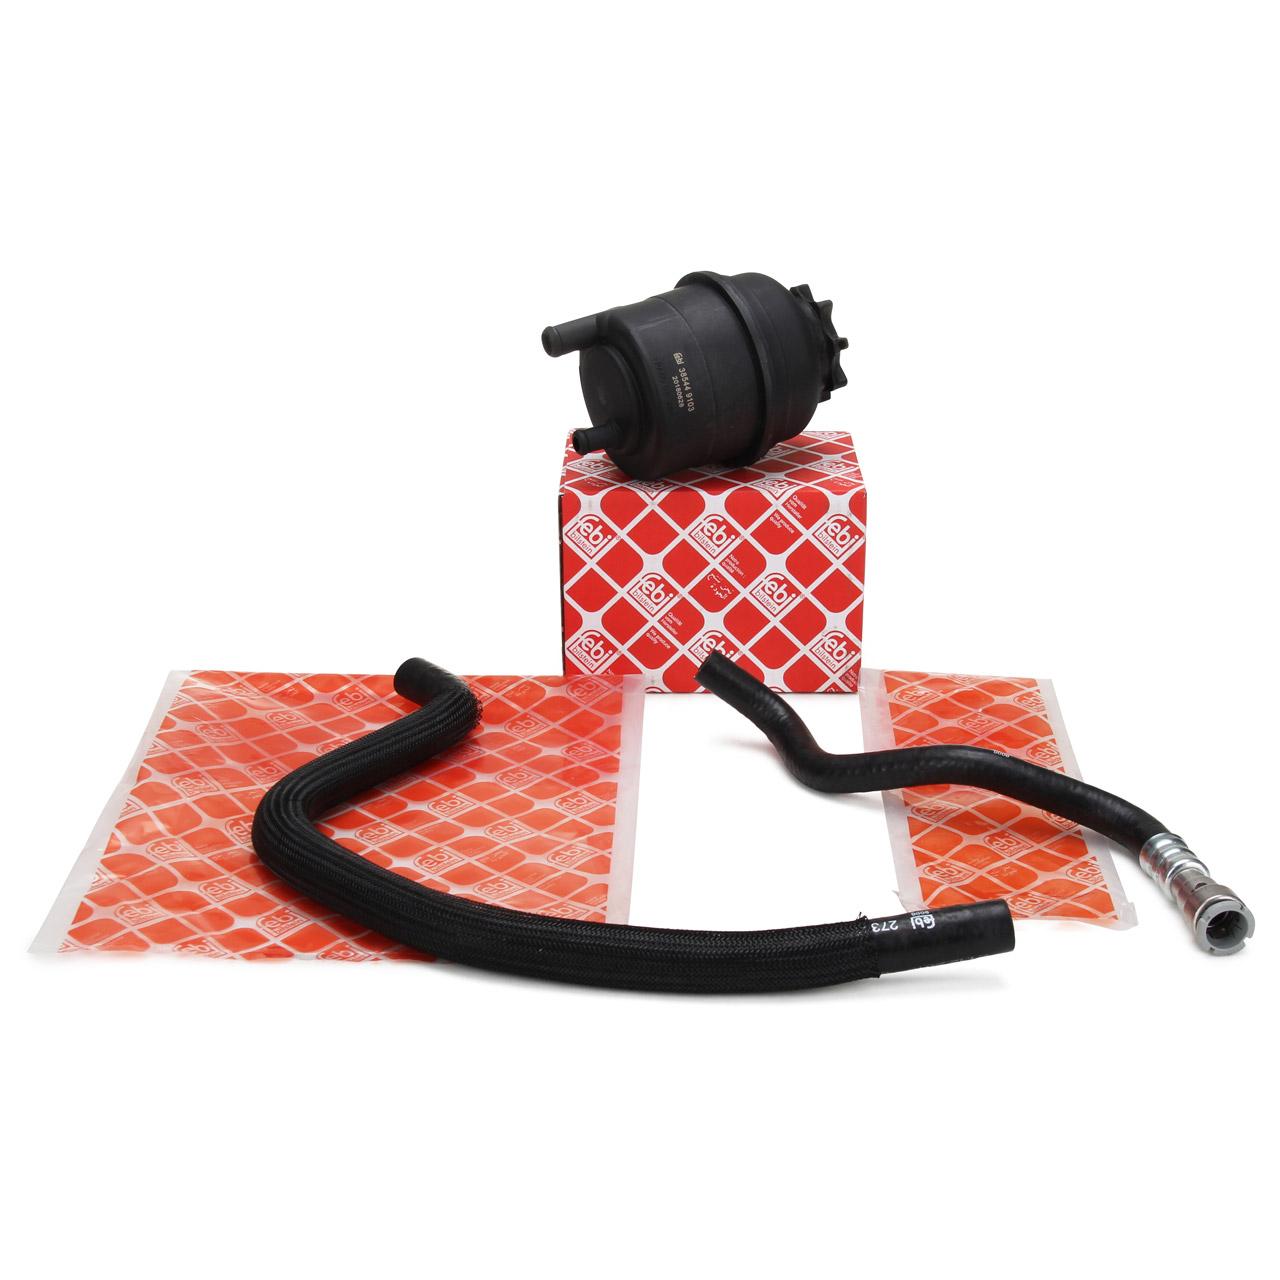 FEBI Ausgleichsbehälter + 2x Hydraulikschlauch Servolenkung für BMW E46 320-330i